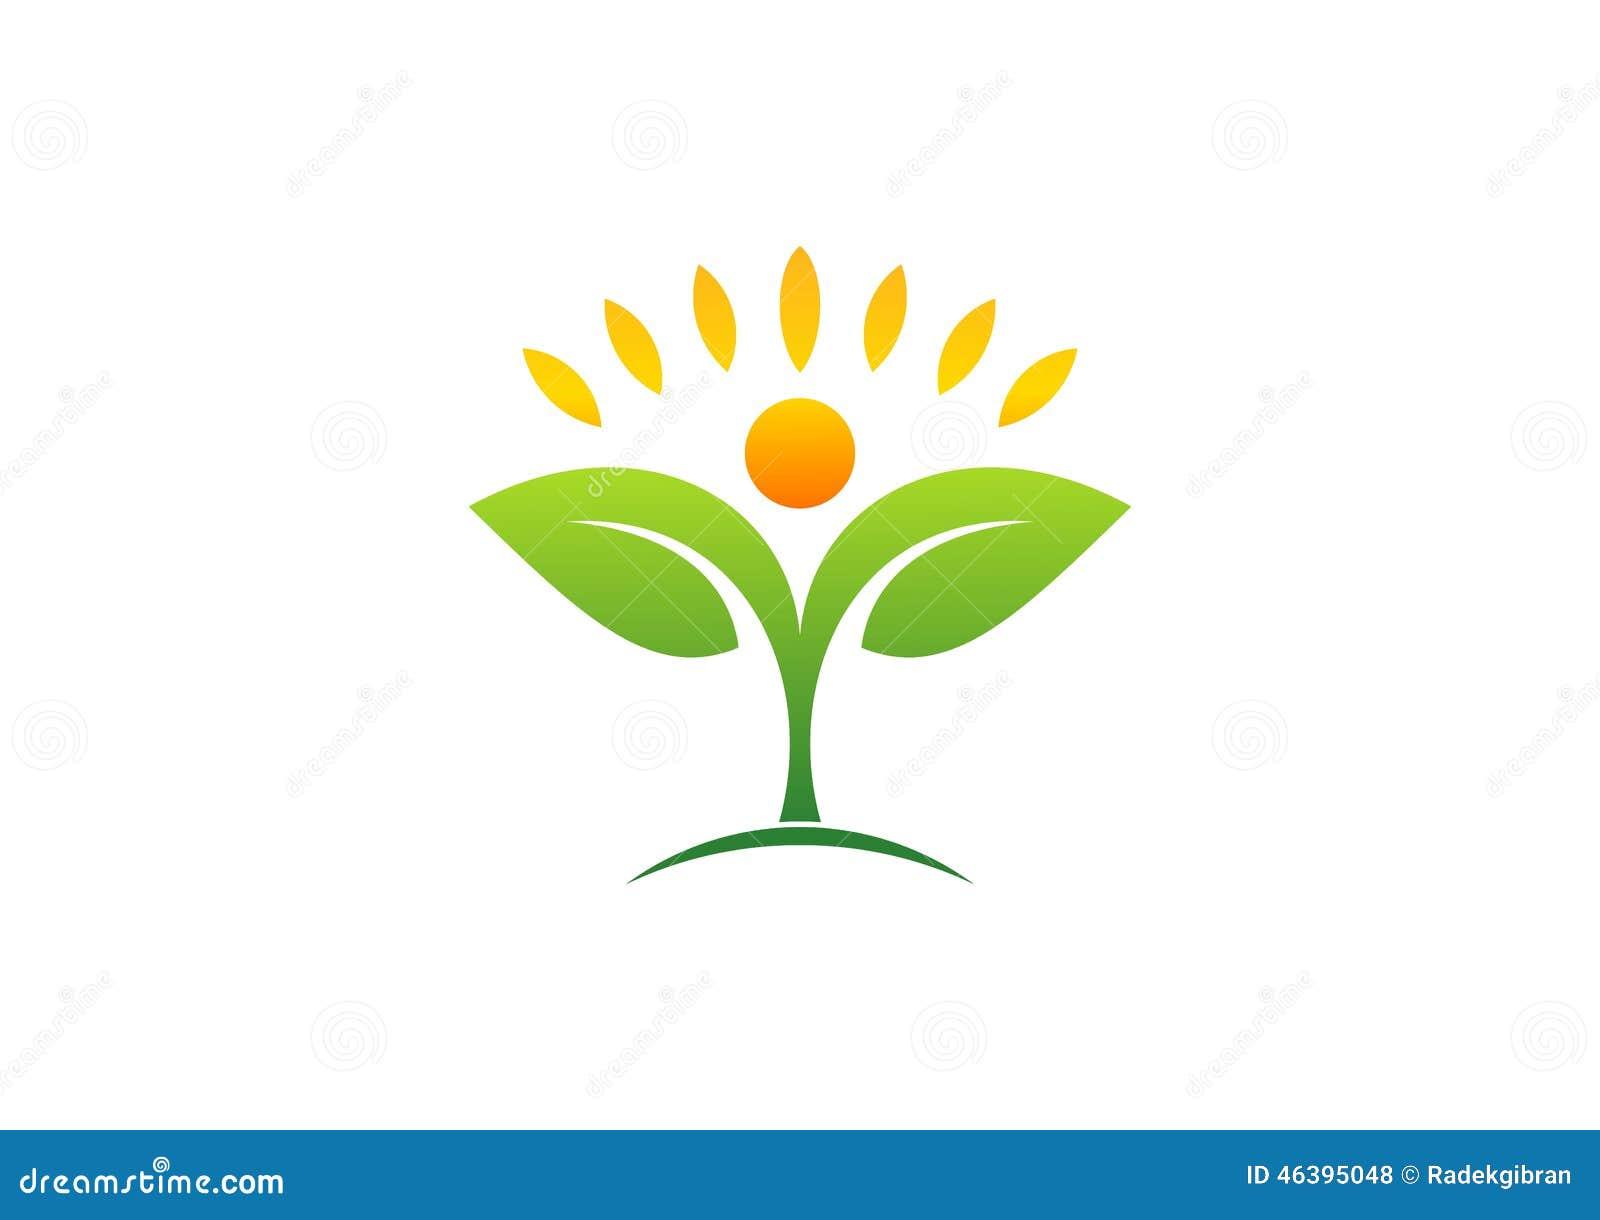 Pianta, la gente, naturale, logo, salute, sole, foglia, botanica, ecologia, simbolo ed icona